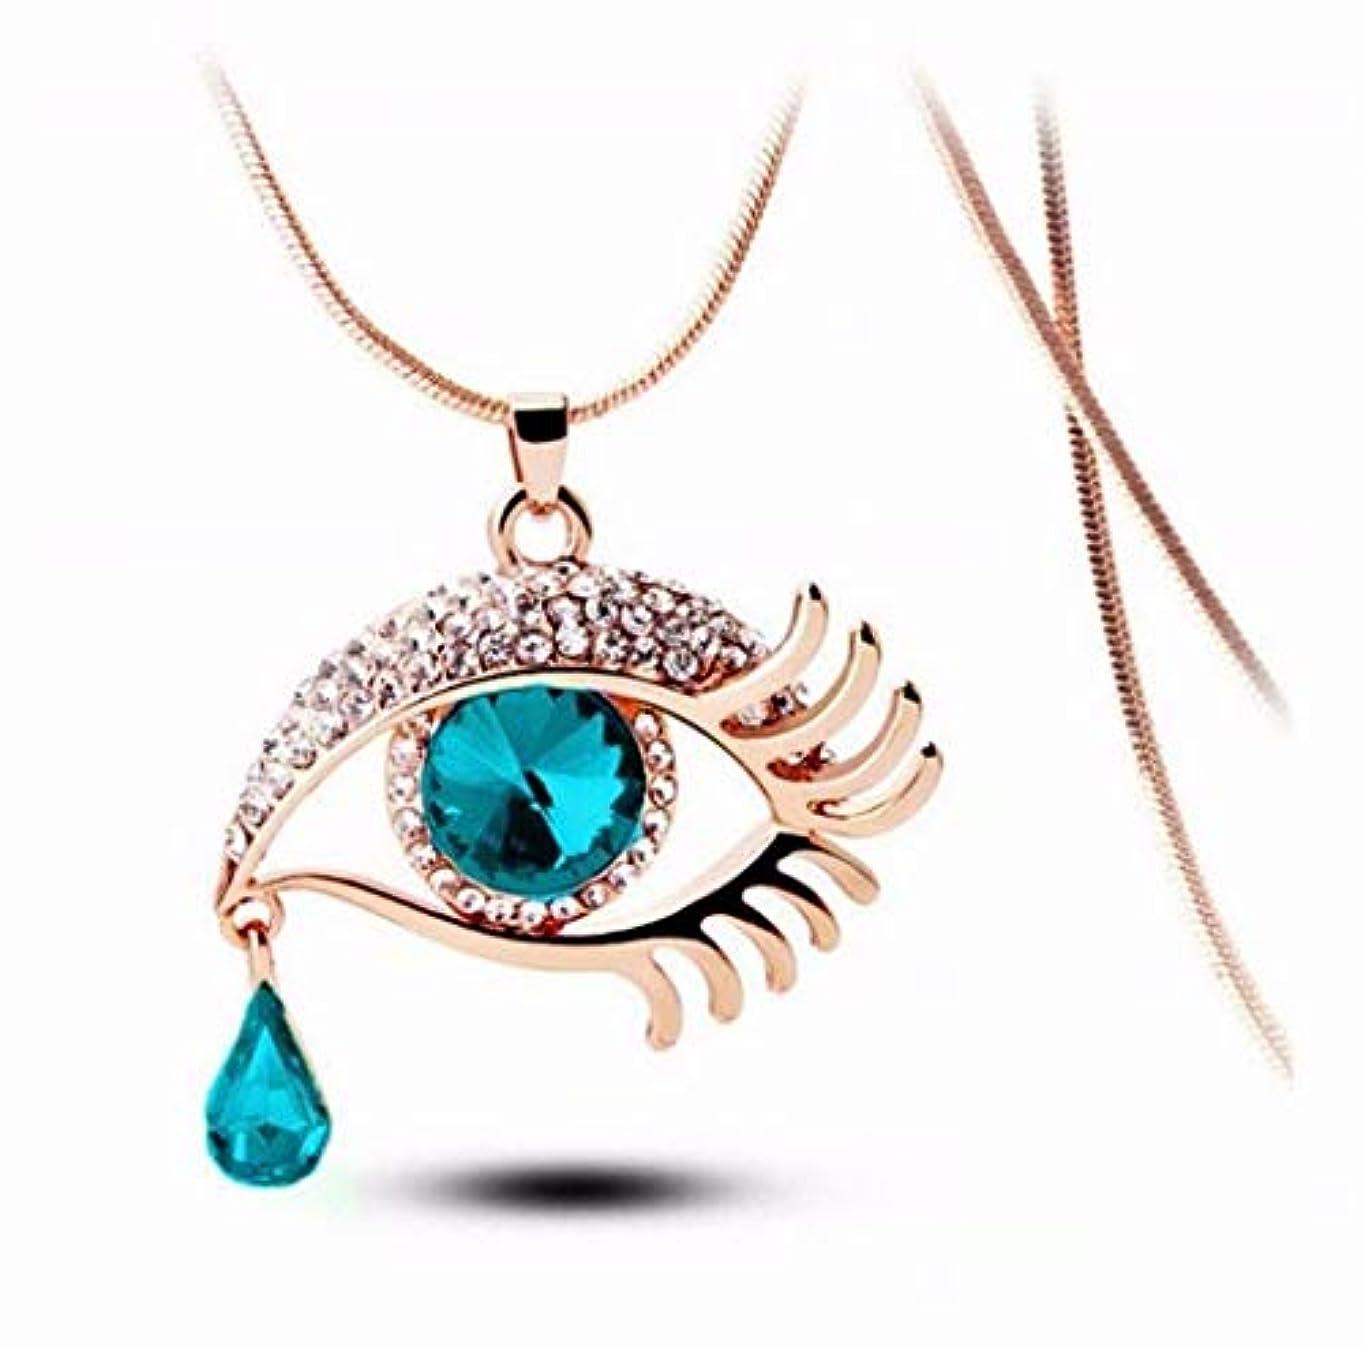 値ストリップしなければならない七里の香 ティアドロップネックレス アイクリスタルネックレス セーターチェーン 宝石